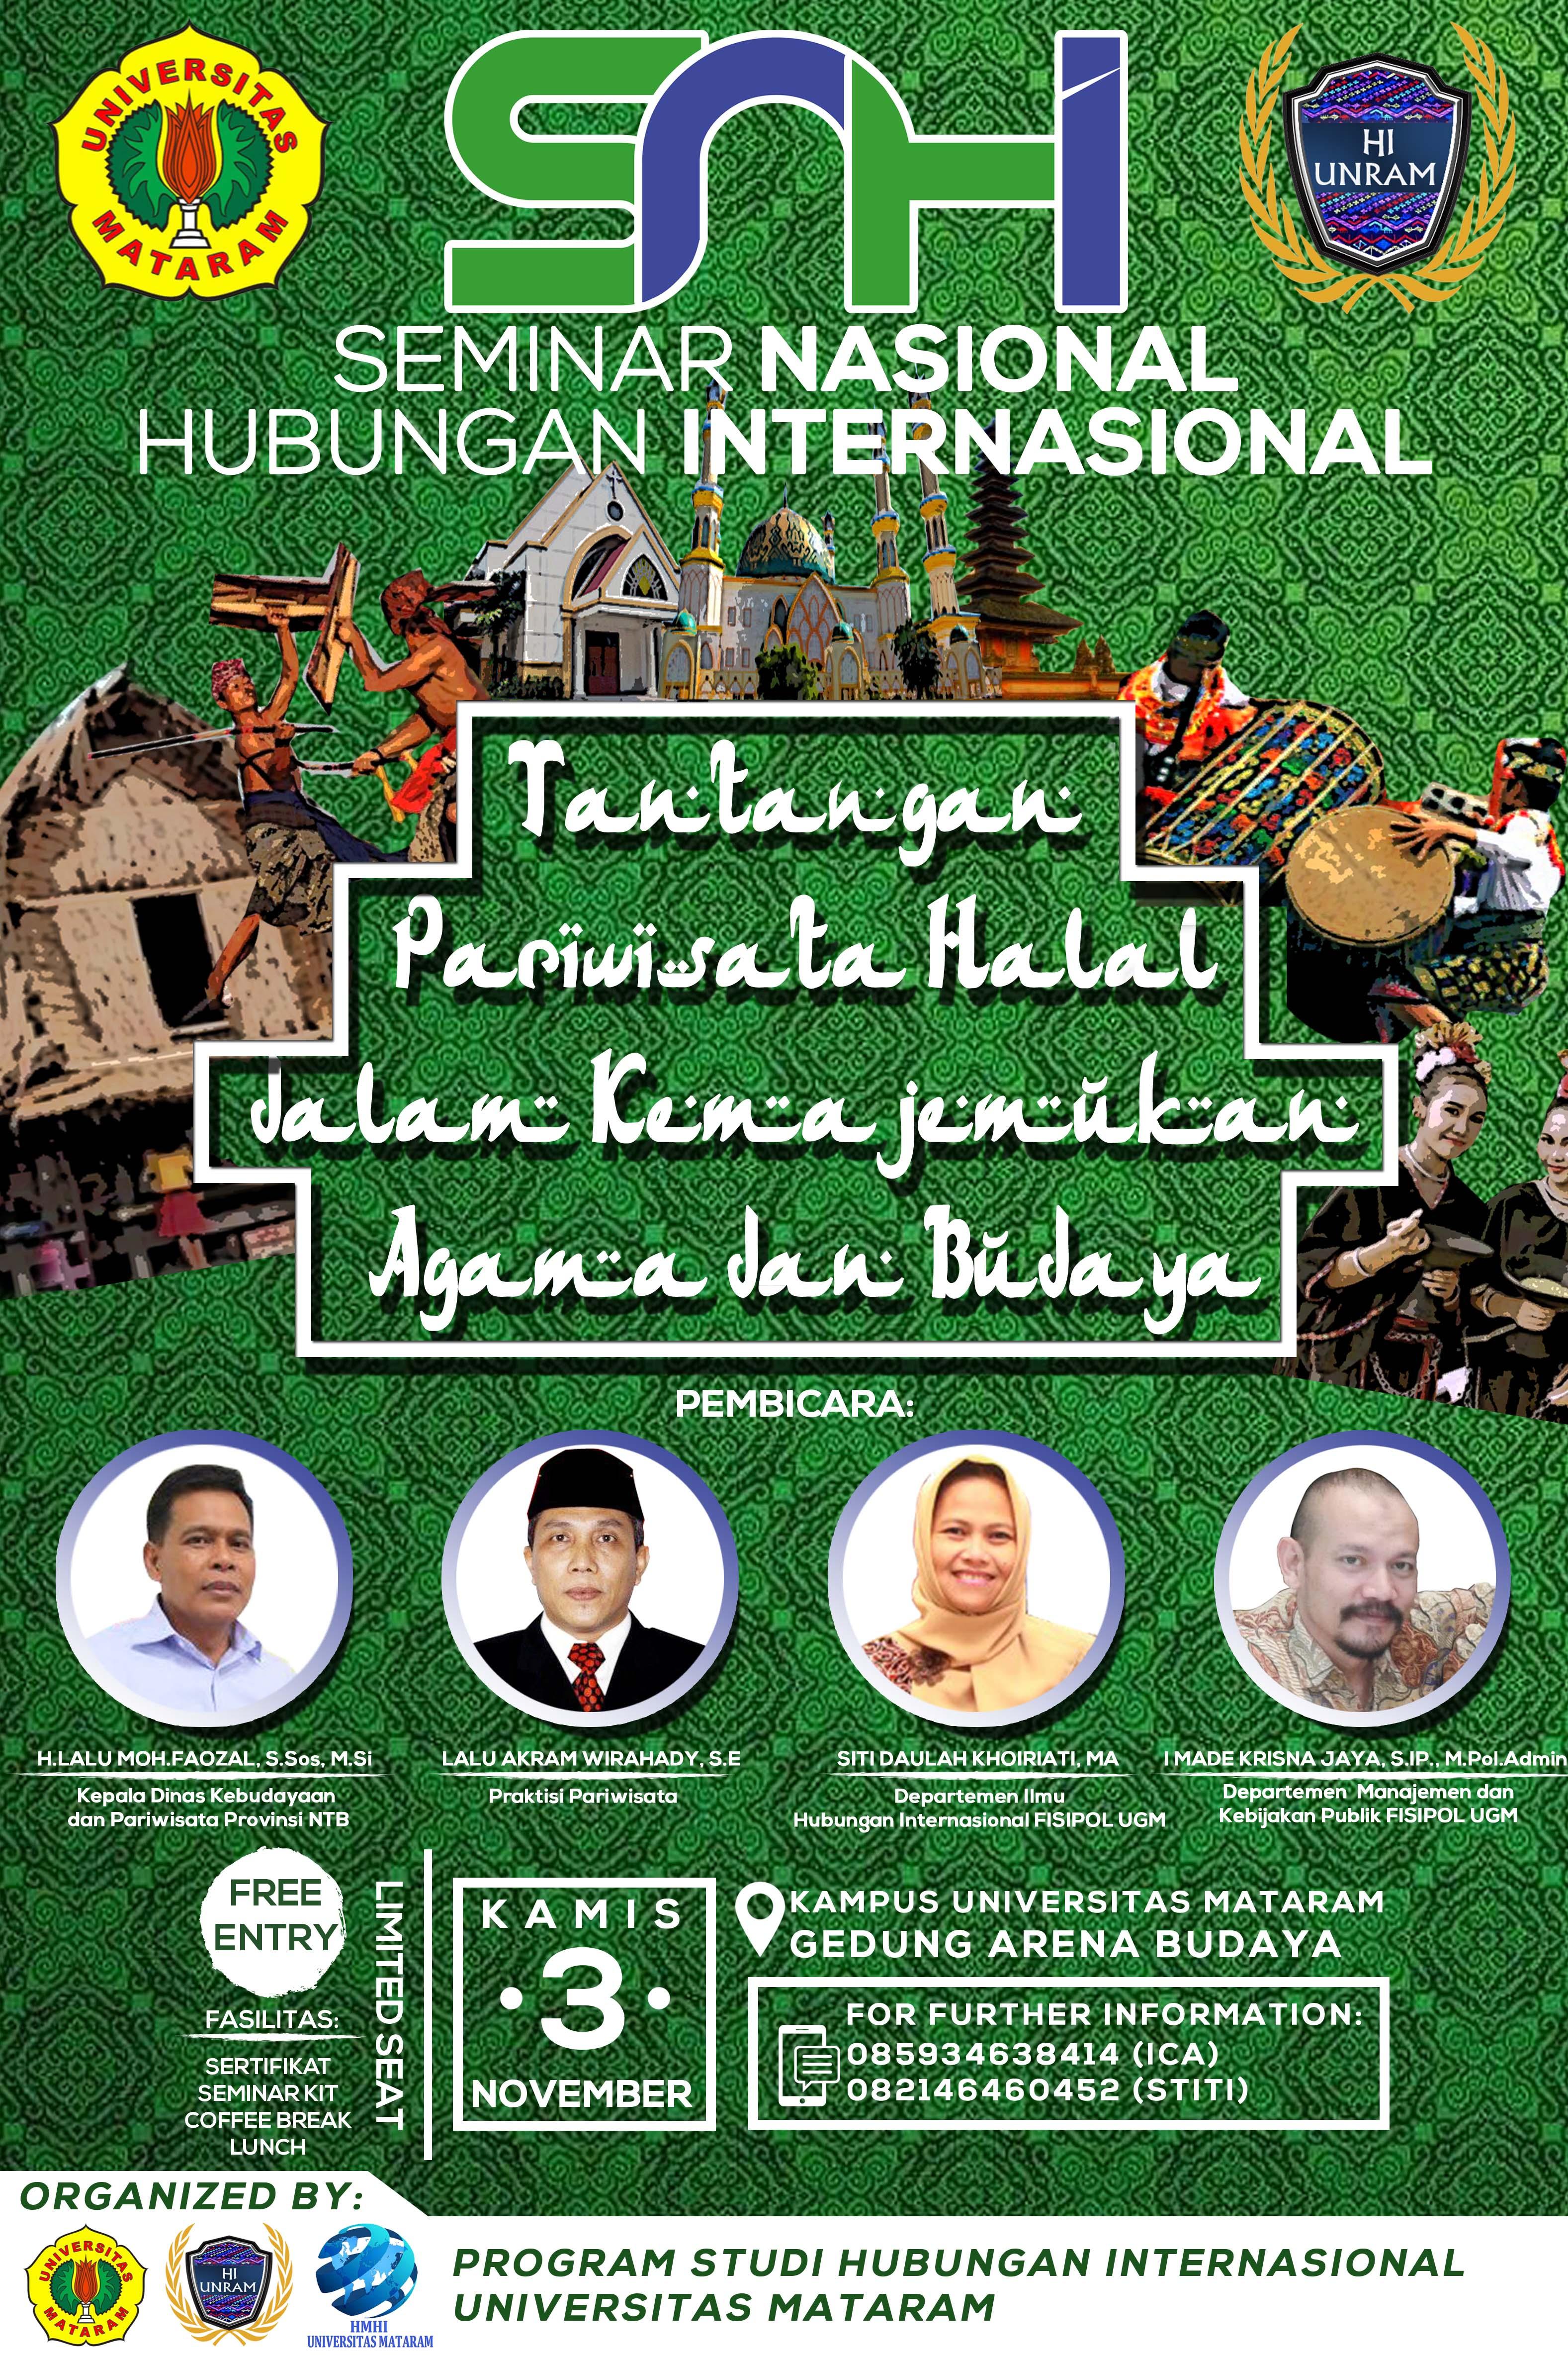 Tantangan Pariwisata Halal dalam Kemajemukan Agama dan Budaya